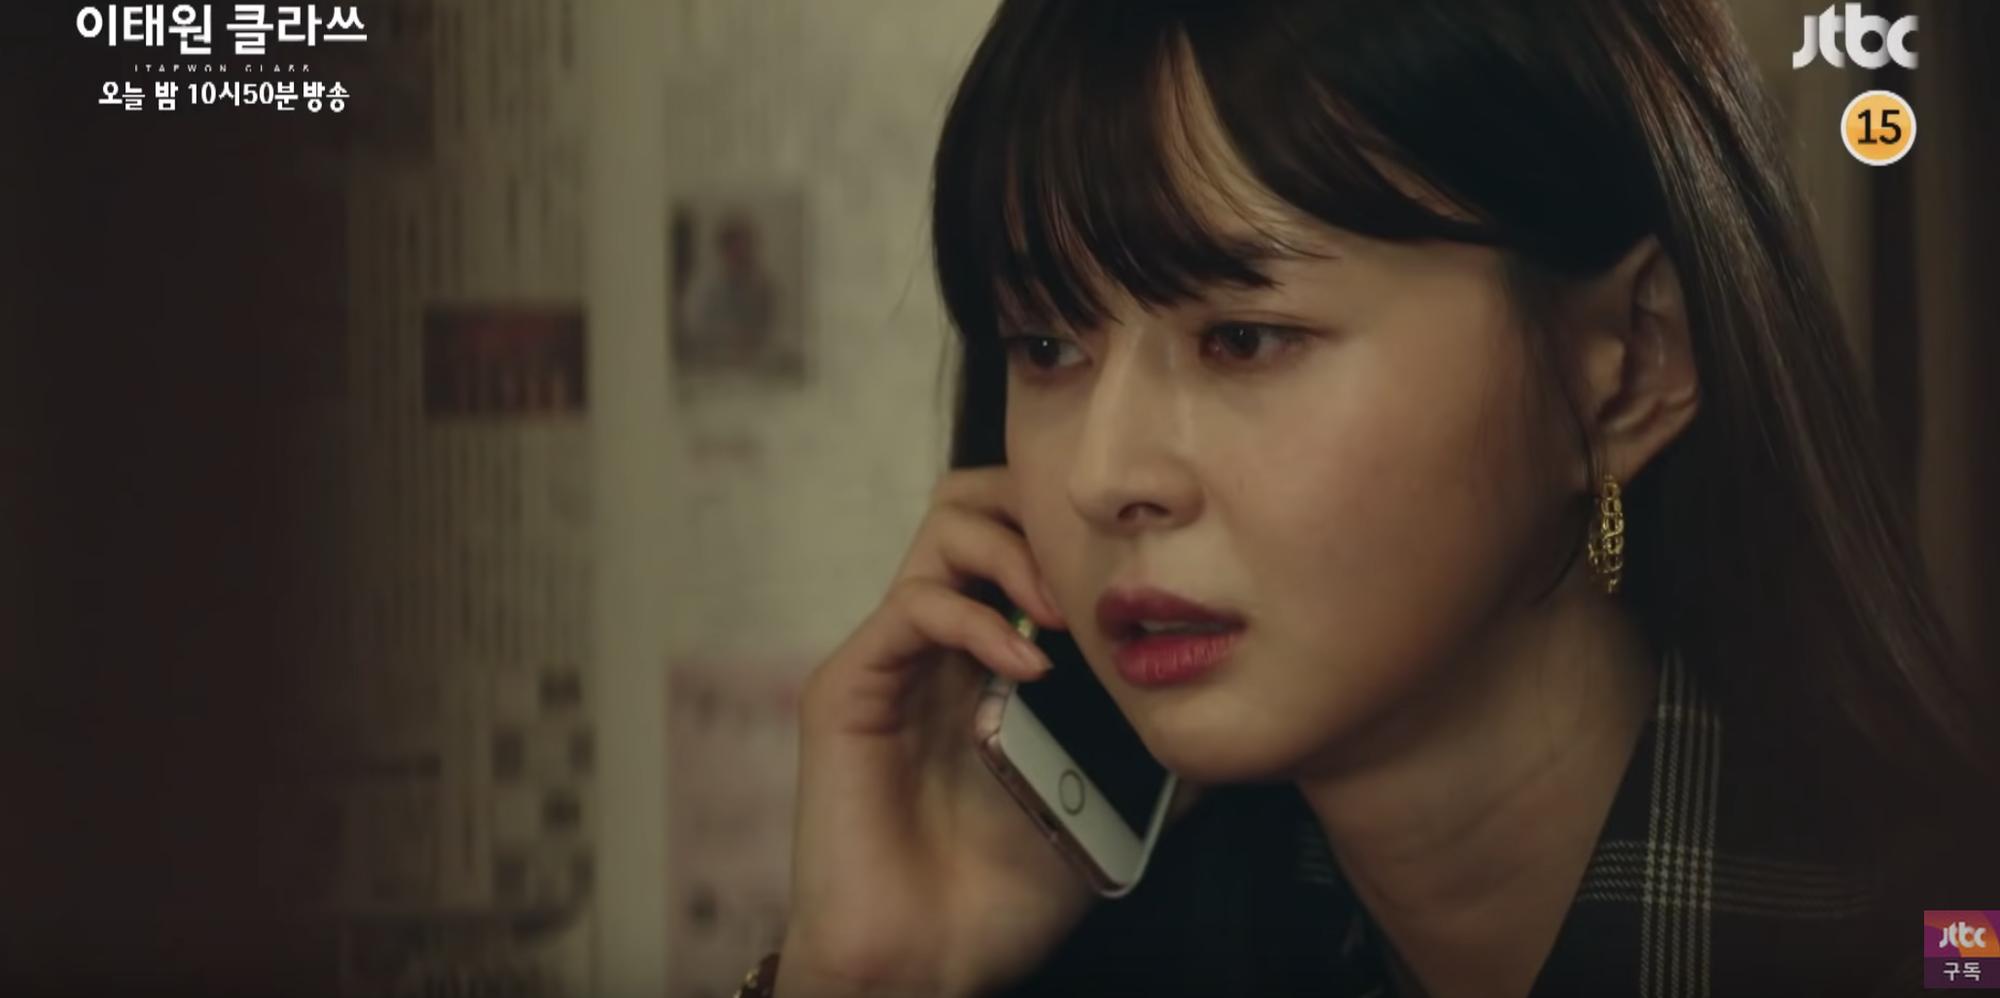 Preview Tầng Lớp Itaewon tập 6: Điên nữ nói thẳng thích Park Seo Joon, cảnh cáo sẽ huỷ hoại đời chị gái tình đầu - Ảnh 7.